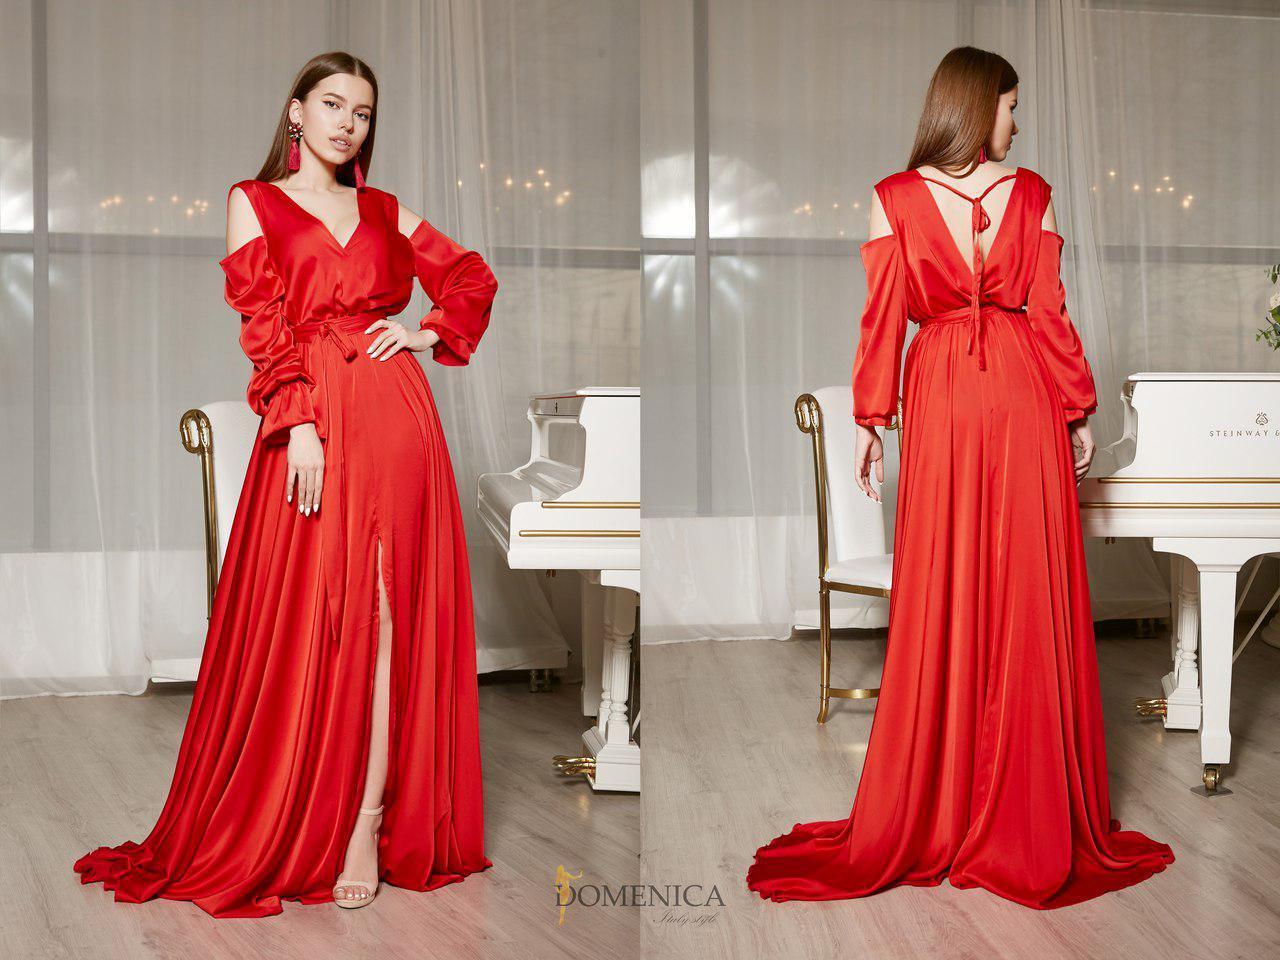 43d8d242737 Шелковое длинное платье с вырезом на спине и открытыми плечами 31ty1229 -  Cardy интернет магазин одежды